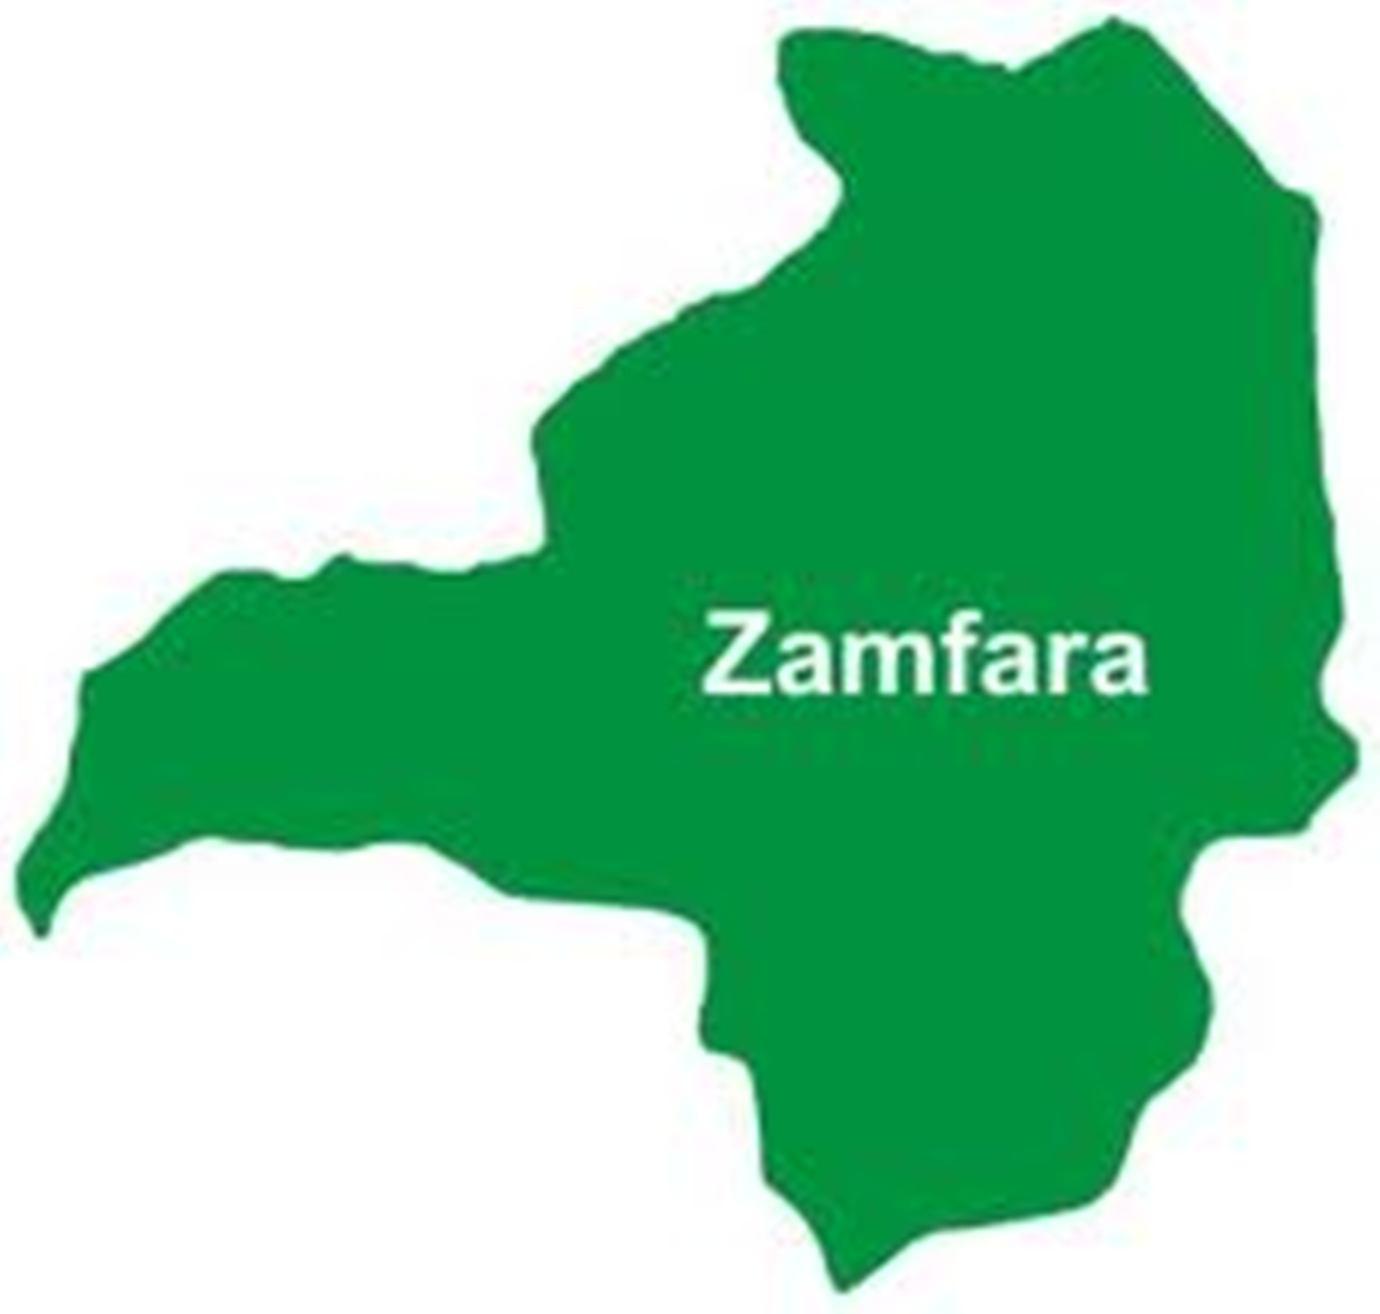 Bandits kill 26 in Zamfara state